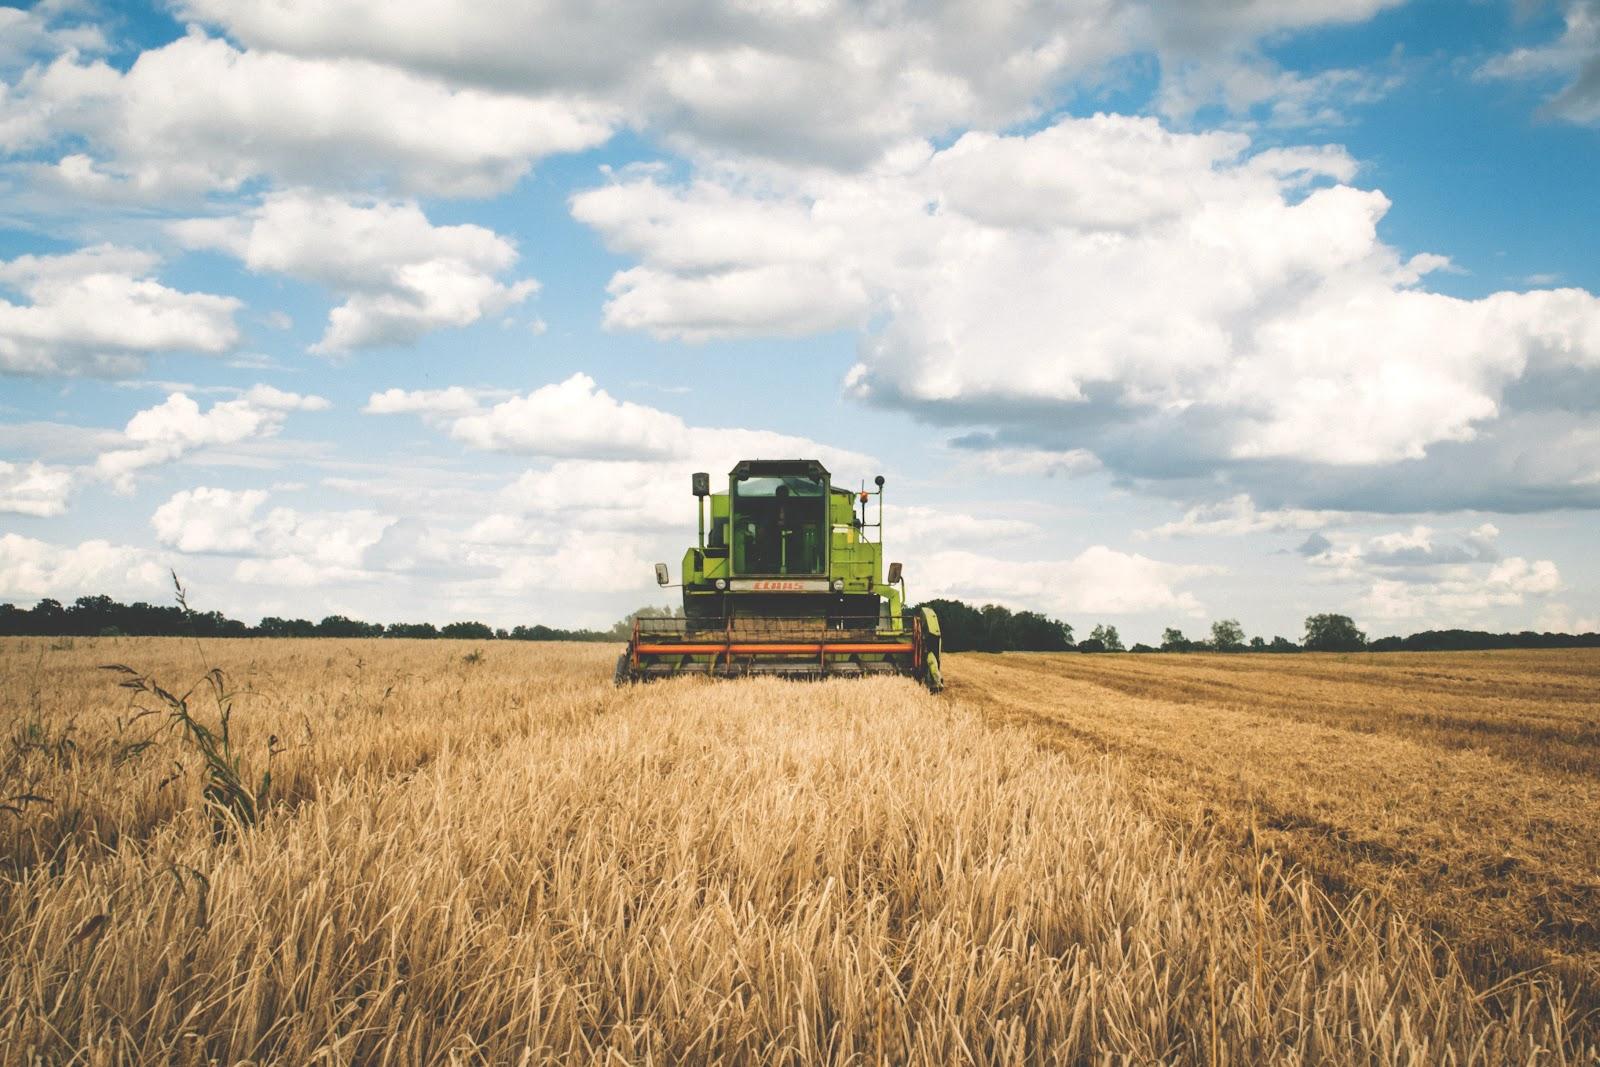 Apesar da queda nos números da indústria, o agronegócio conseguiu segurar o PIB no primeiro trimestre de 2021. (Fonte: Pexels/freestocks.org/Reprodução)